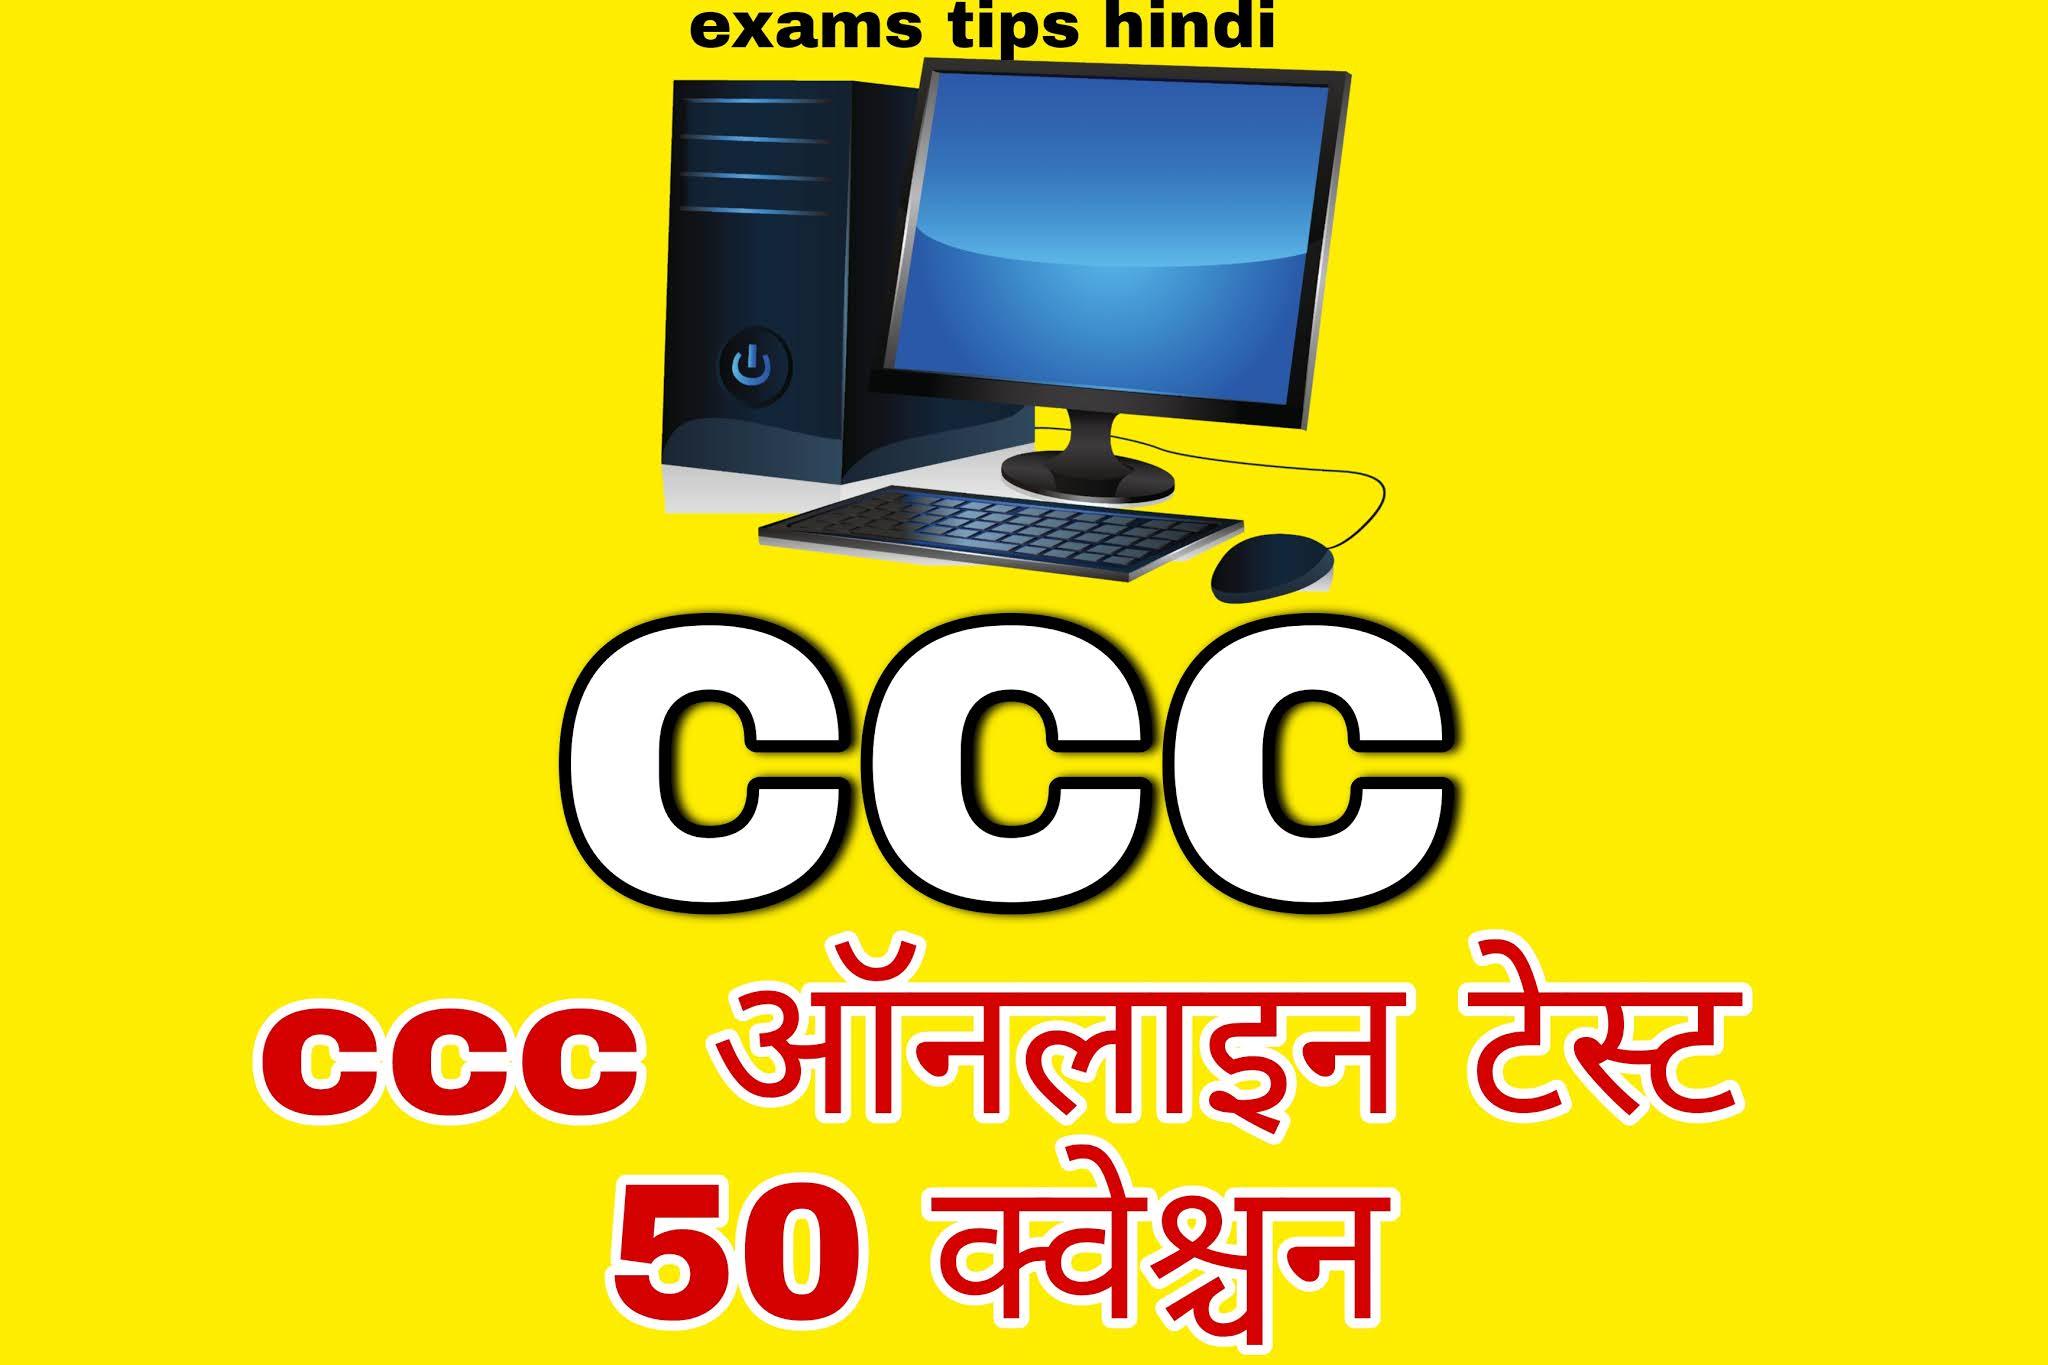 CCC ऑनलाइन टेस्ट 50 क्वेश्चन